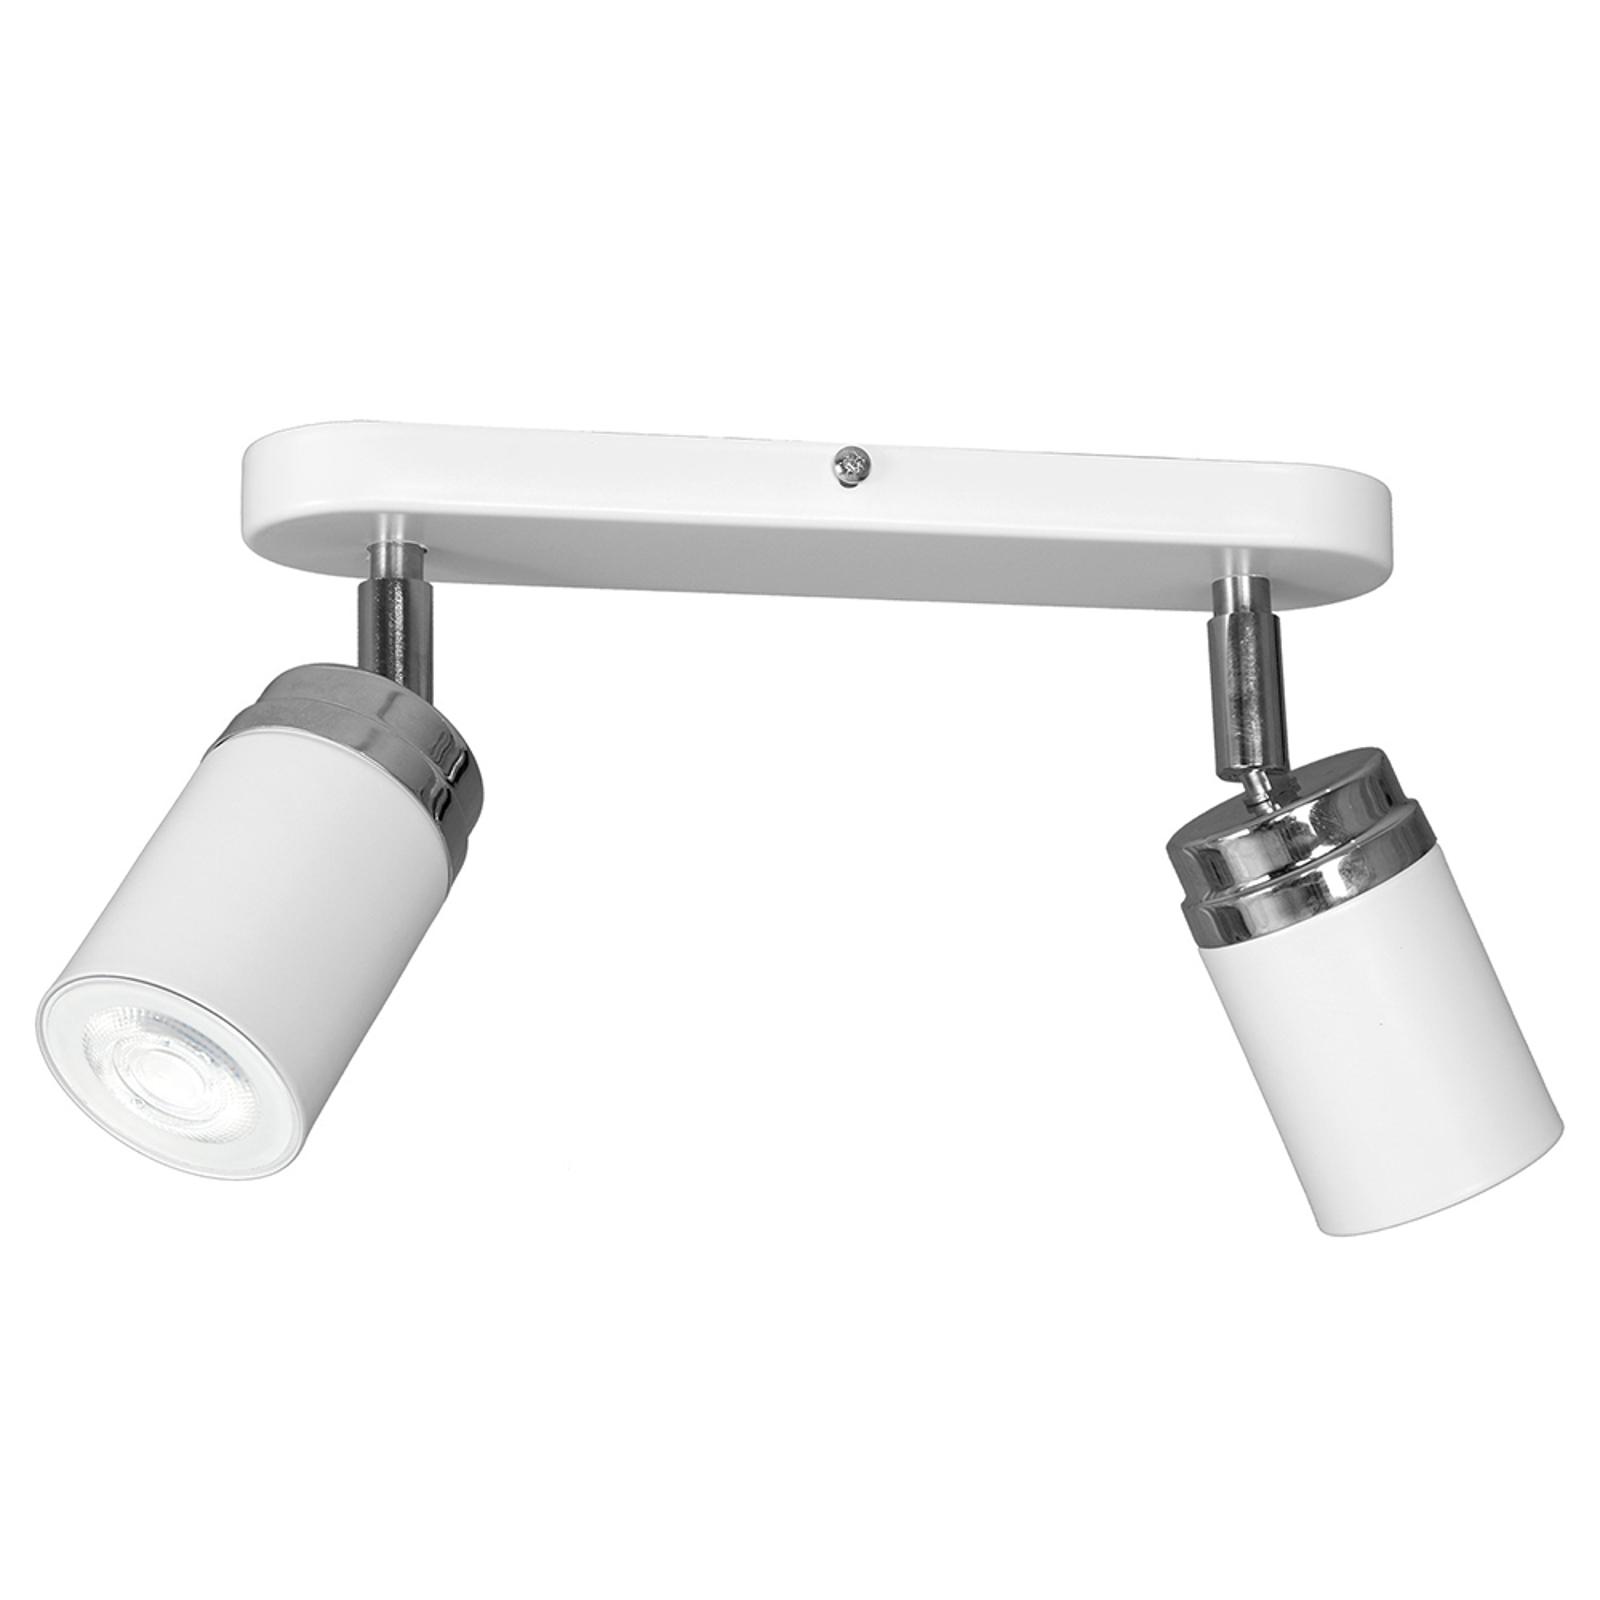 Acquista Spot soffitto Reno, 2 luci, bianco/cromo